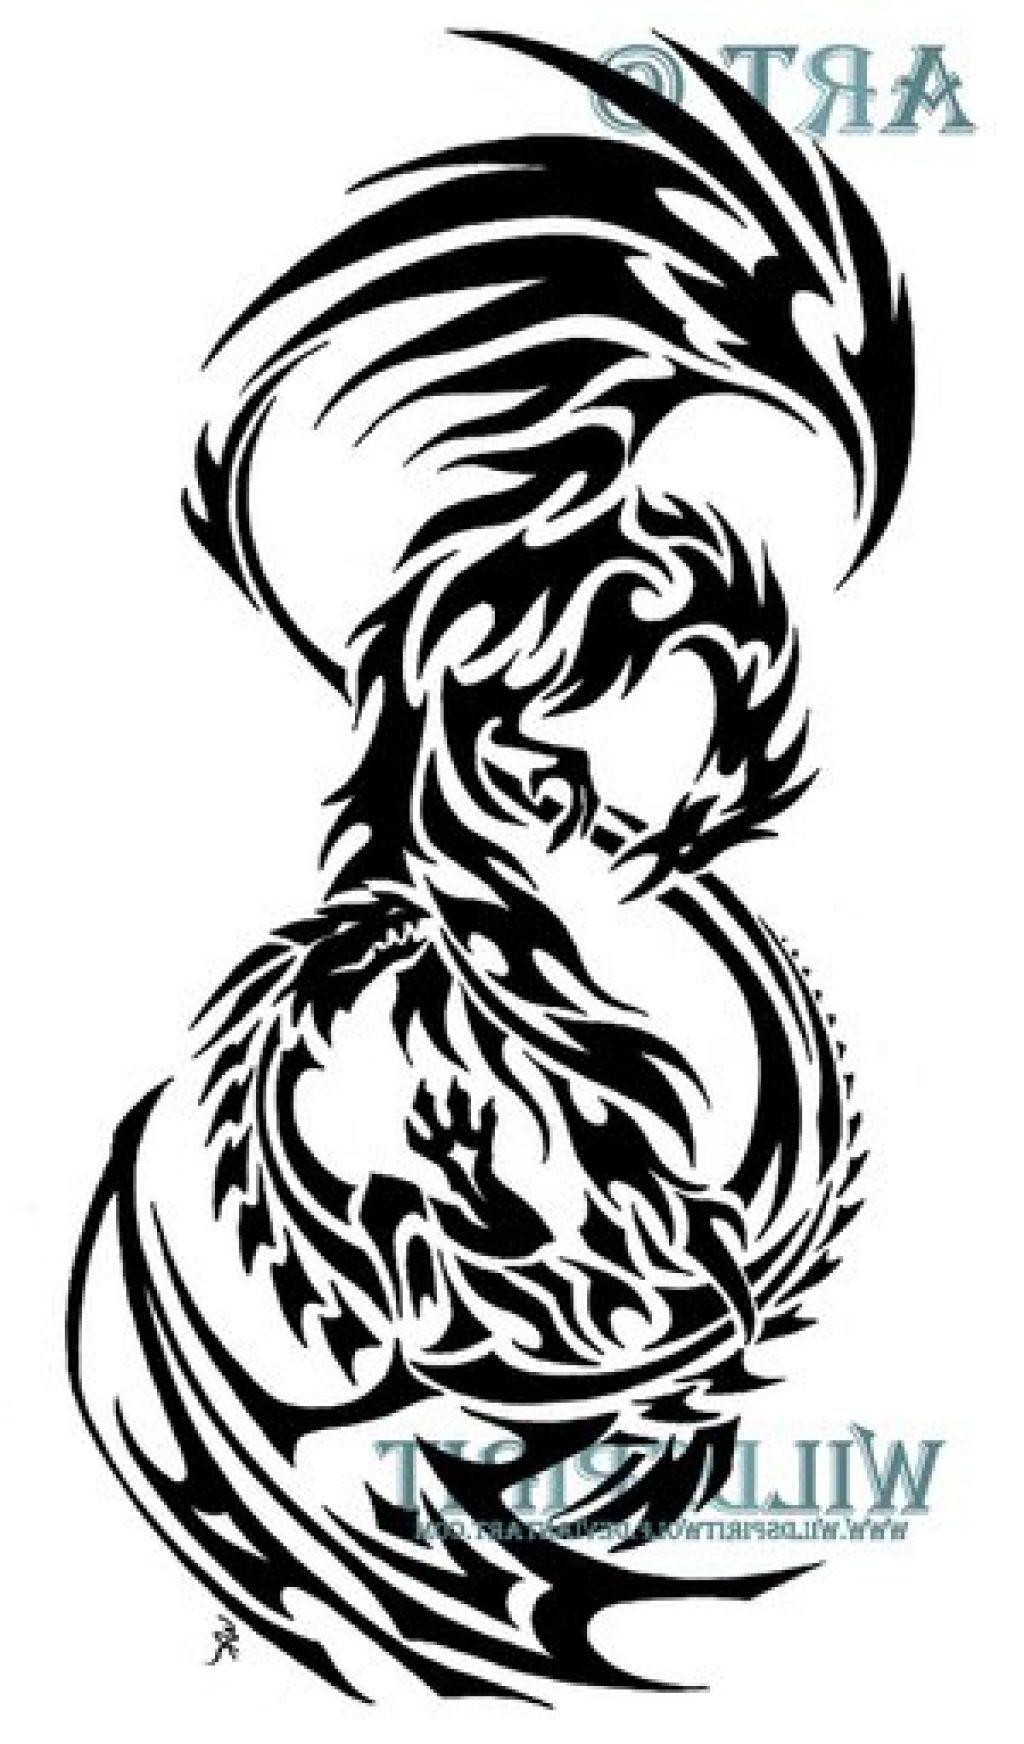 Dragon And Phoenix Tattoo Designs Tattoo Art Ideas Phoenix Tattoo Design Phoenix Tattoo Tattoos